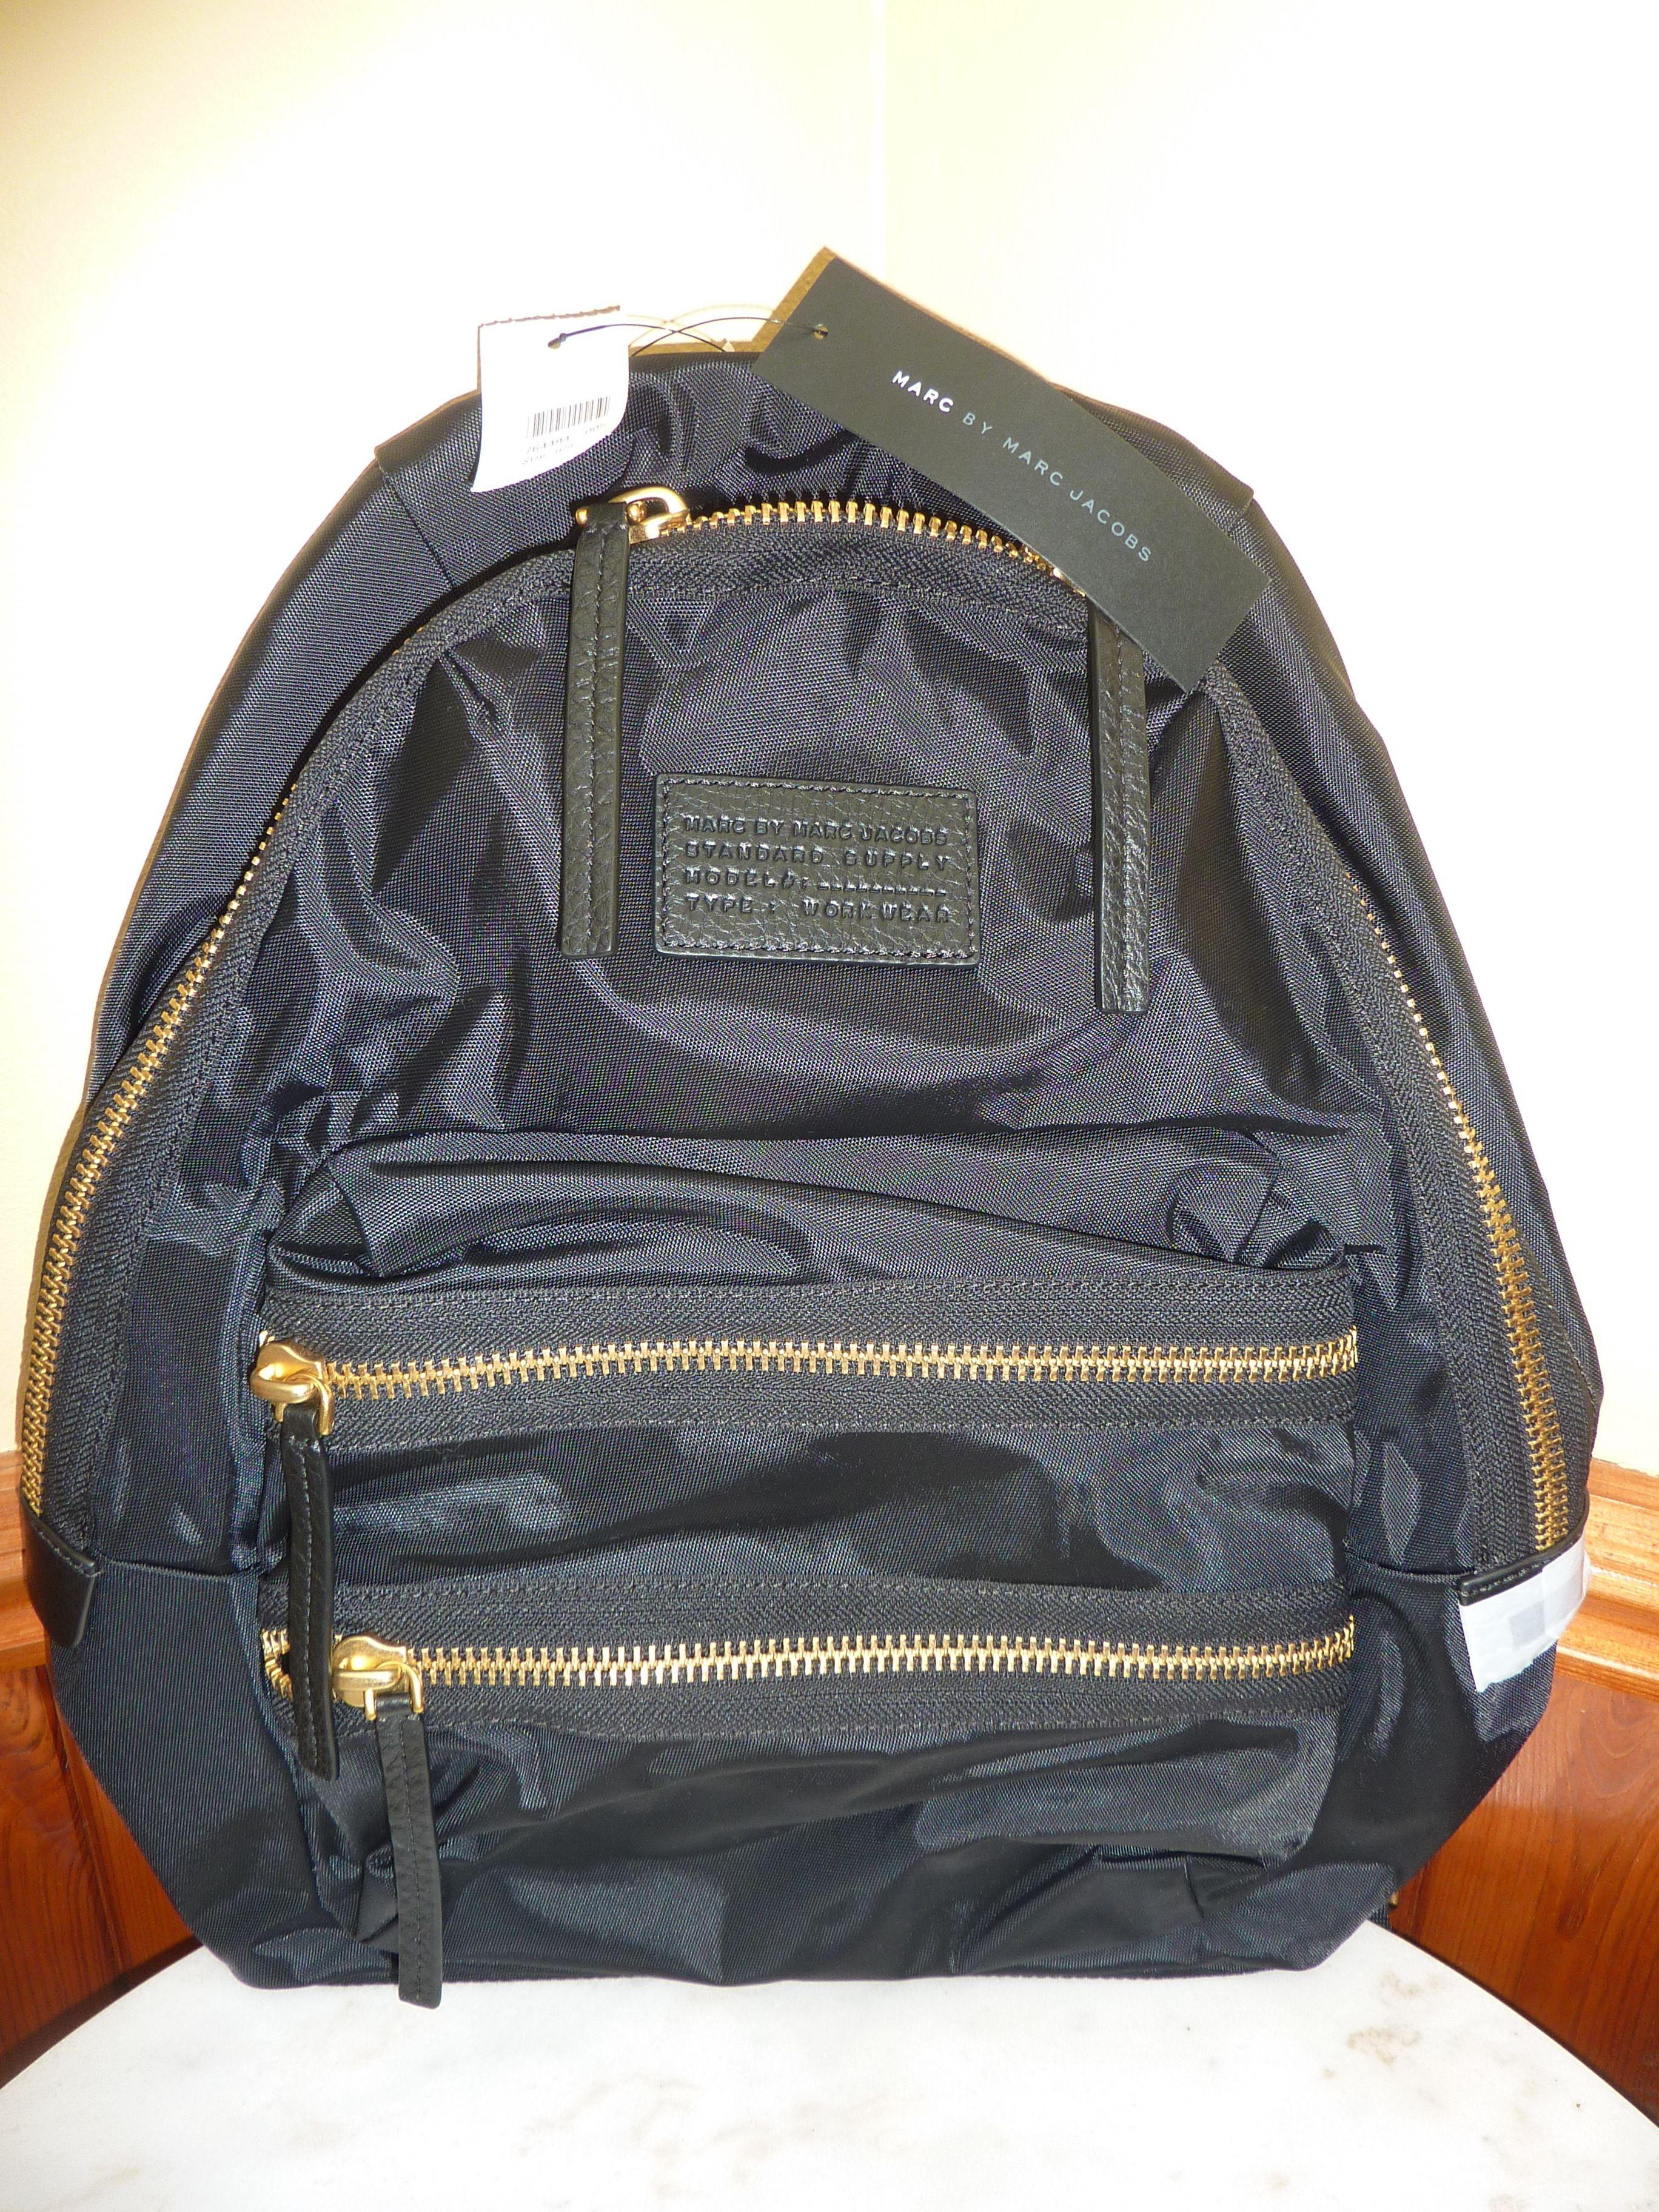 Designer Nylon Bags Uk